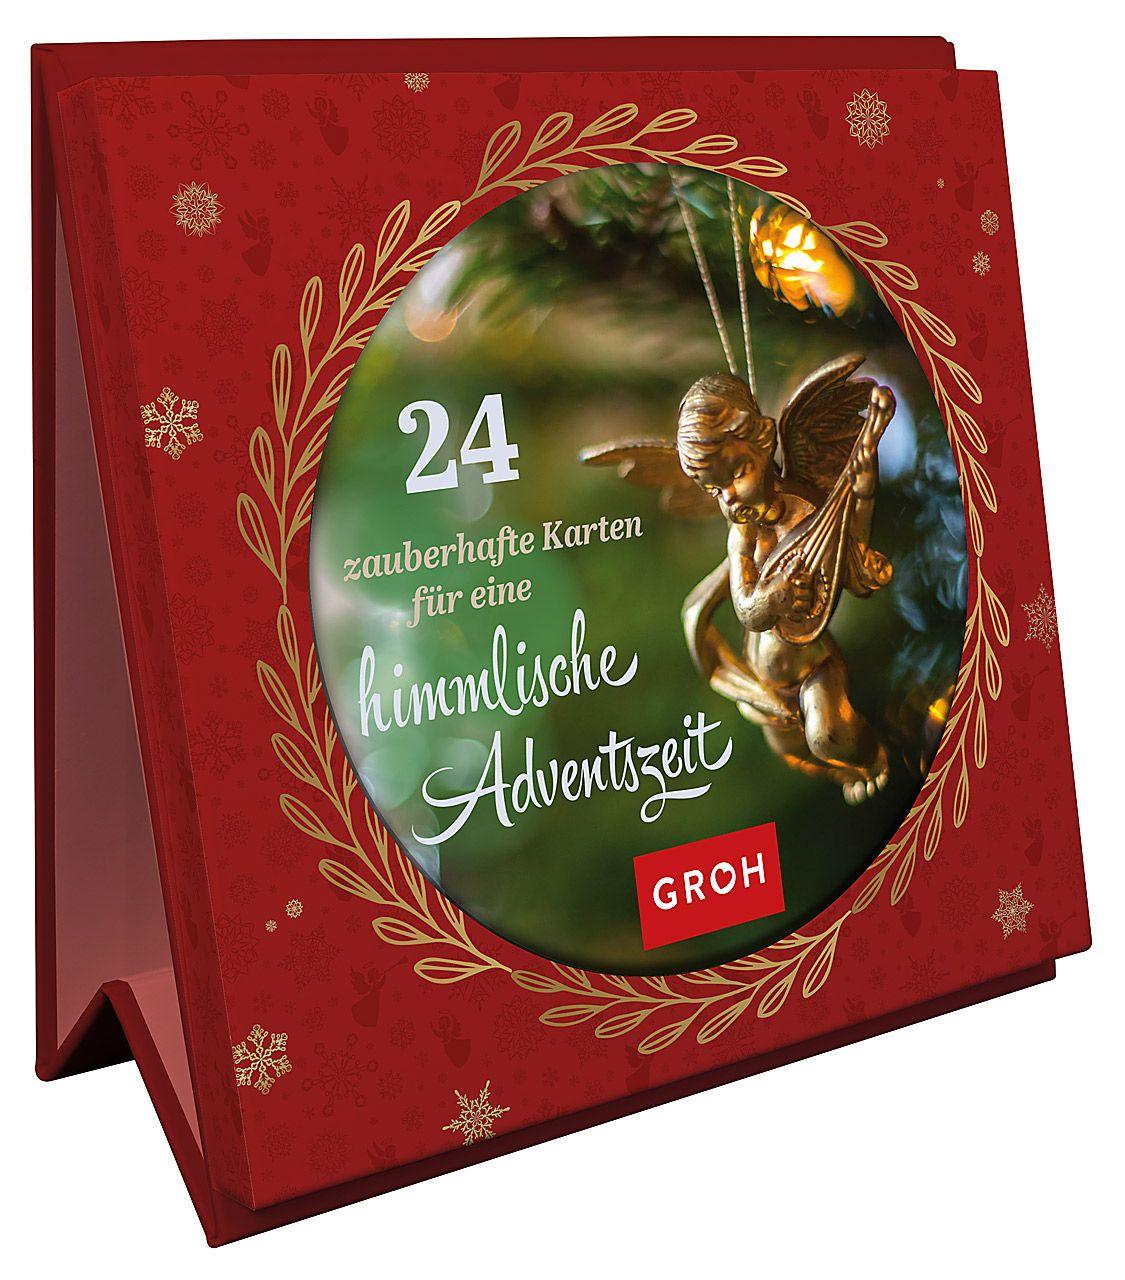 24 zauberhafte Karten für eine himmlische Adventszeit - Aufstellbuch